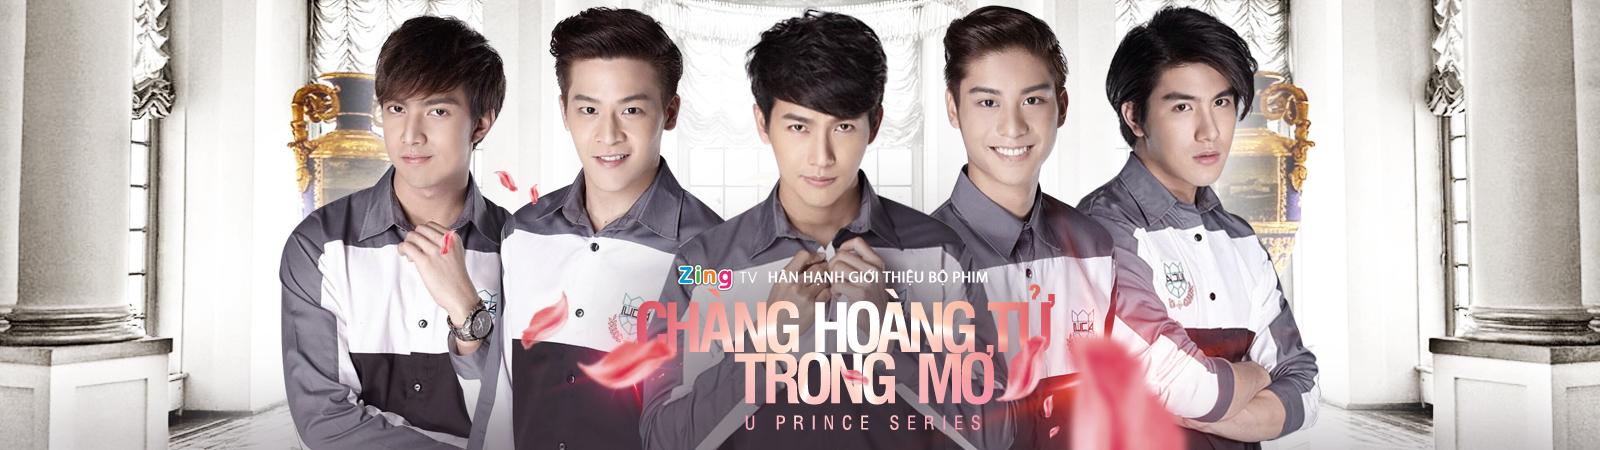 Tập 18 - U Prince Series - Chàng Hoàng Tử Trong Mơ